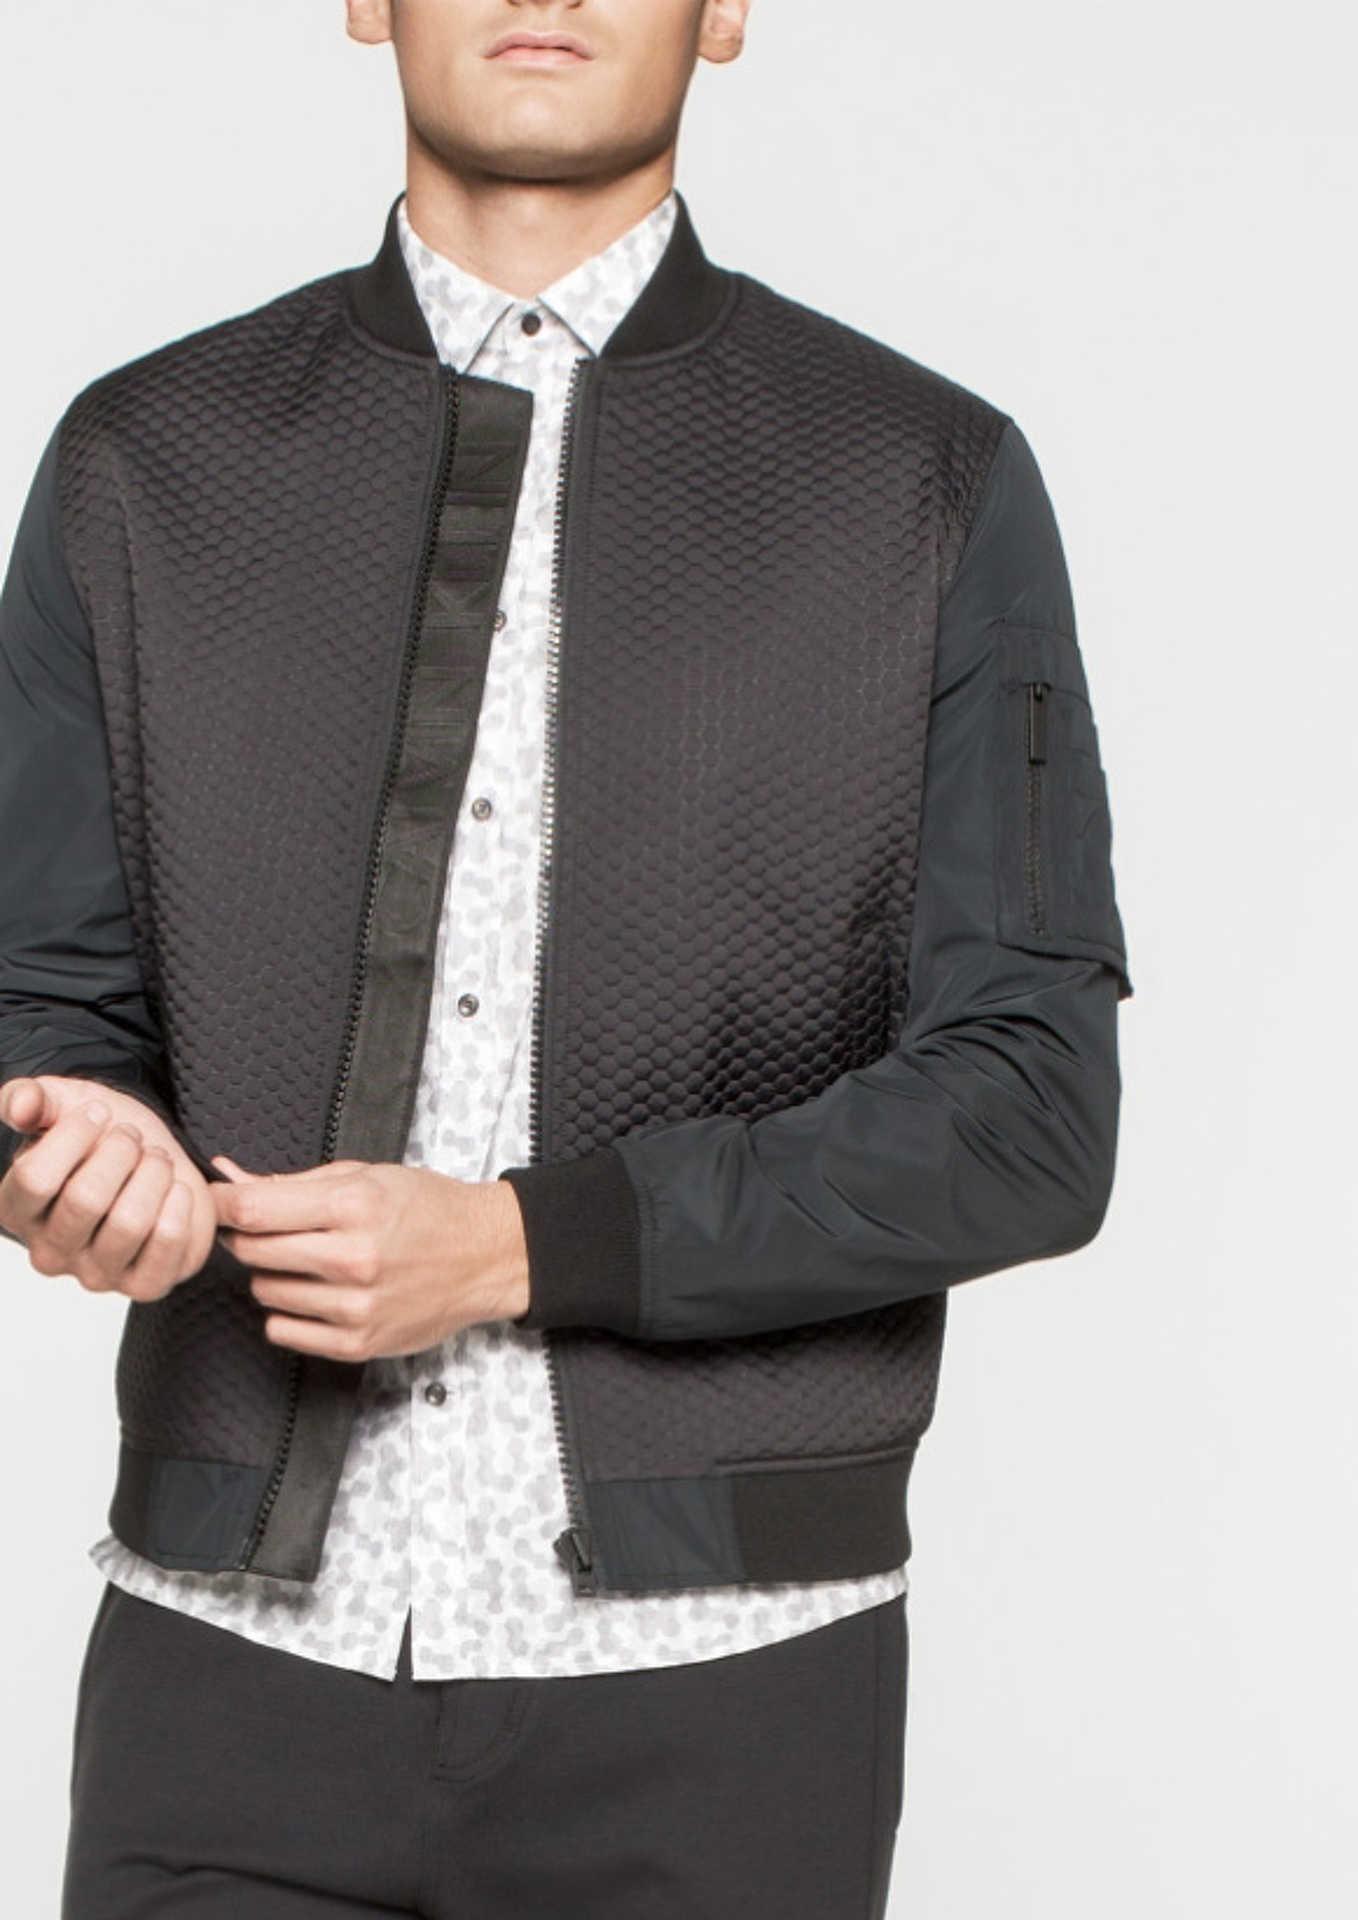 Calvin Klein-től megszokott letisztult elegancia. Bomber dzsekit mindenkinek!!!